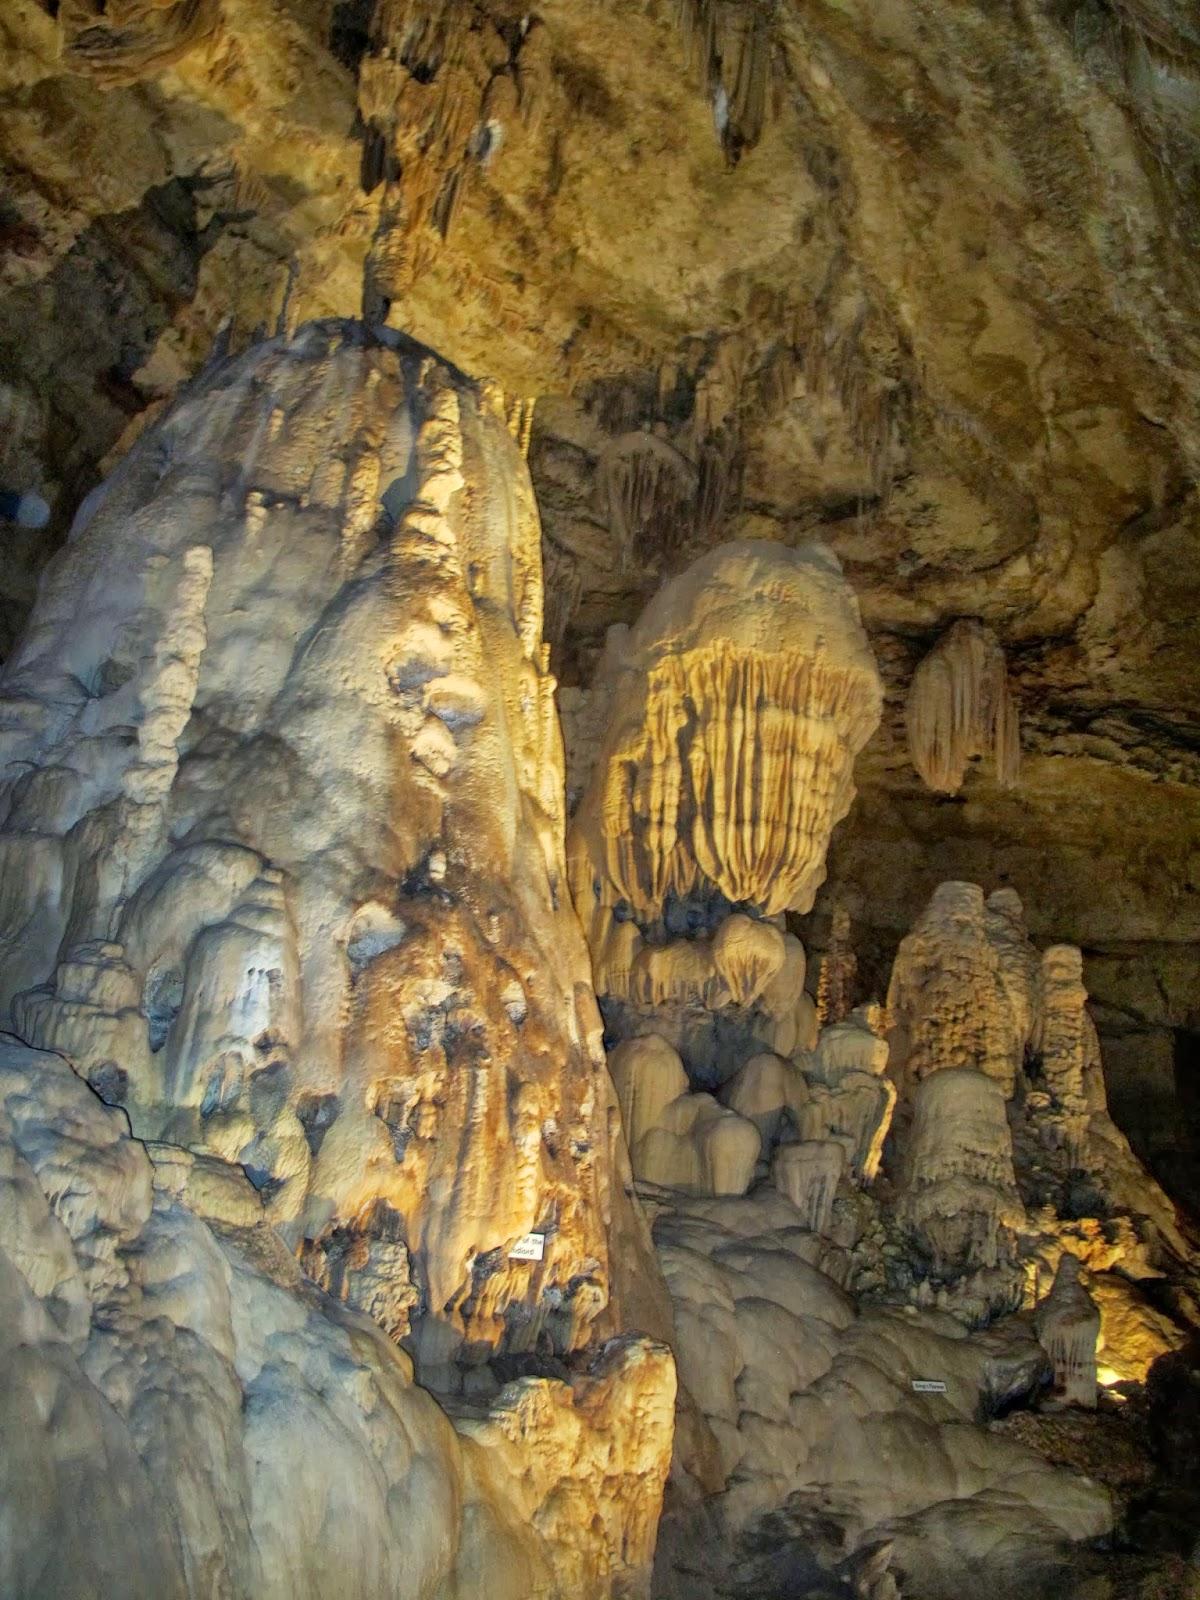 Natural Bridge Caverns Wildlife Park